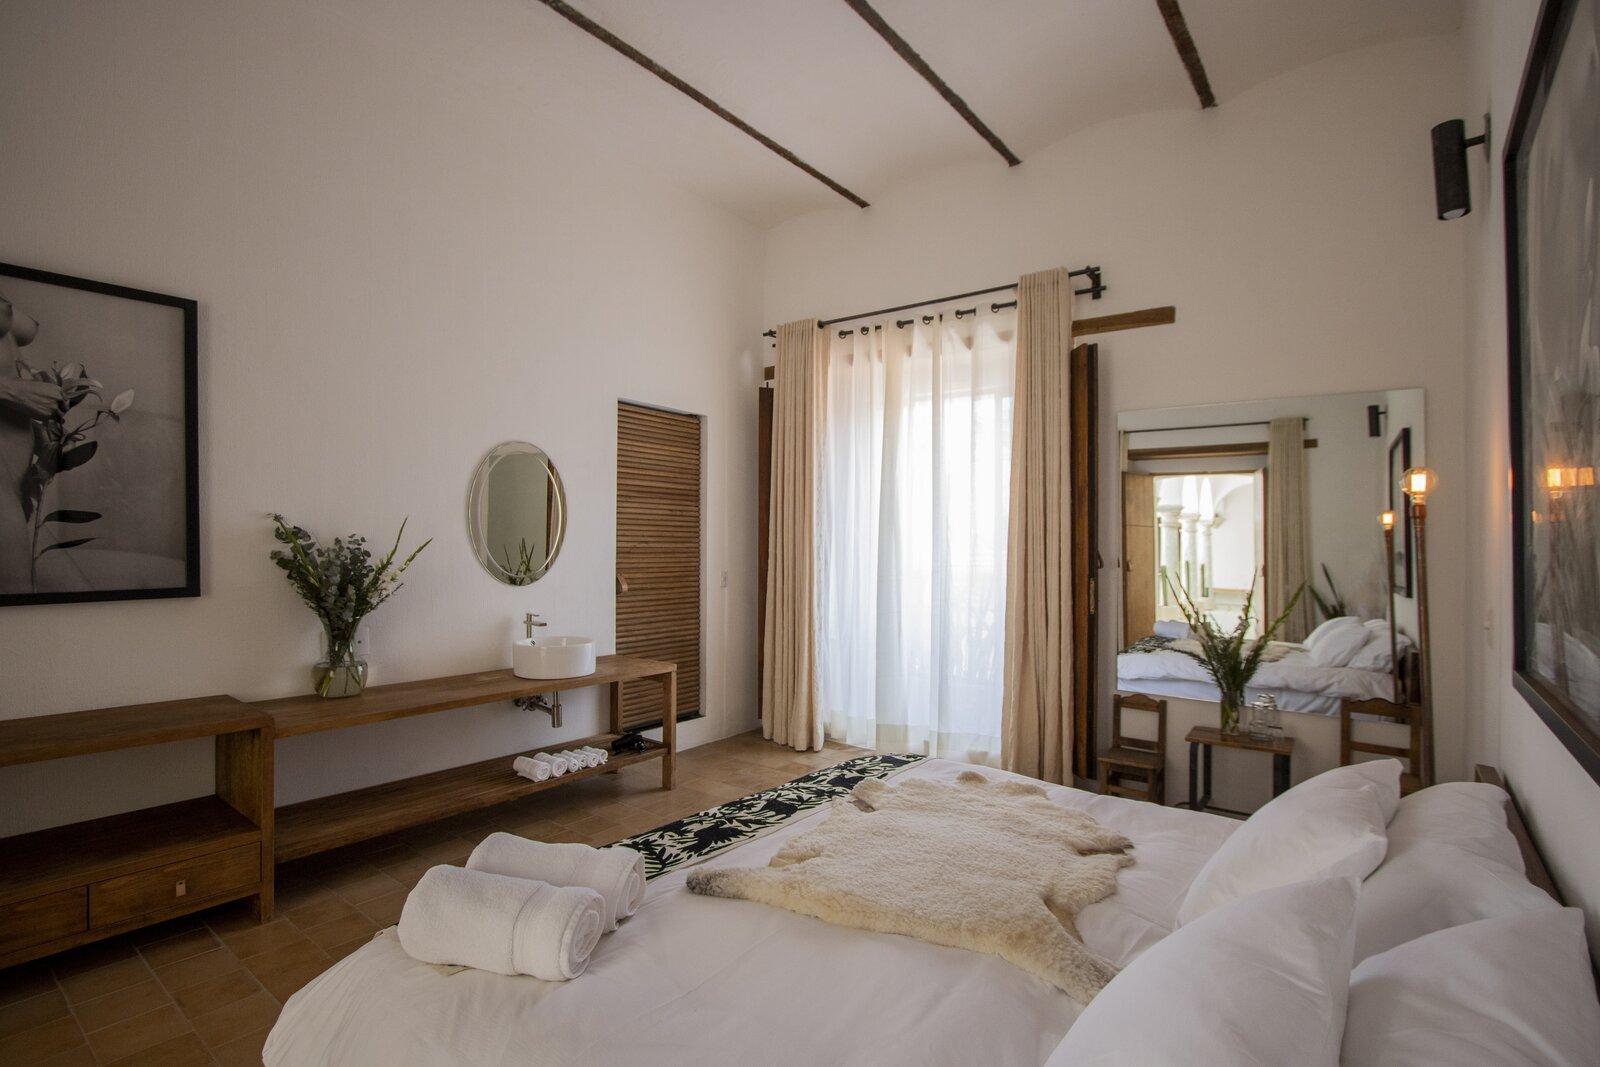 Hotel Sin Nombre guest room